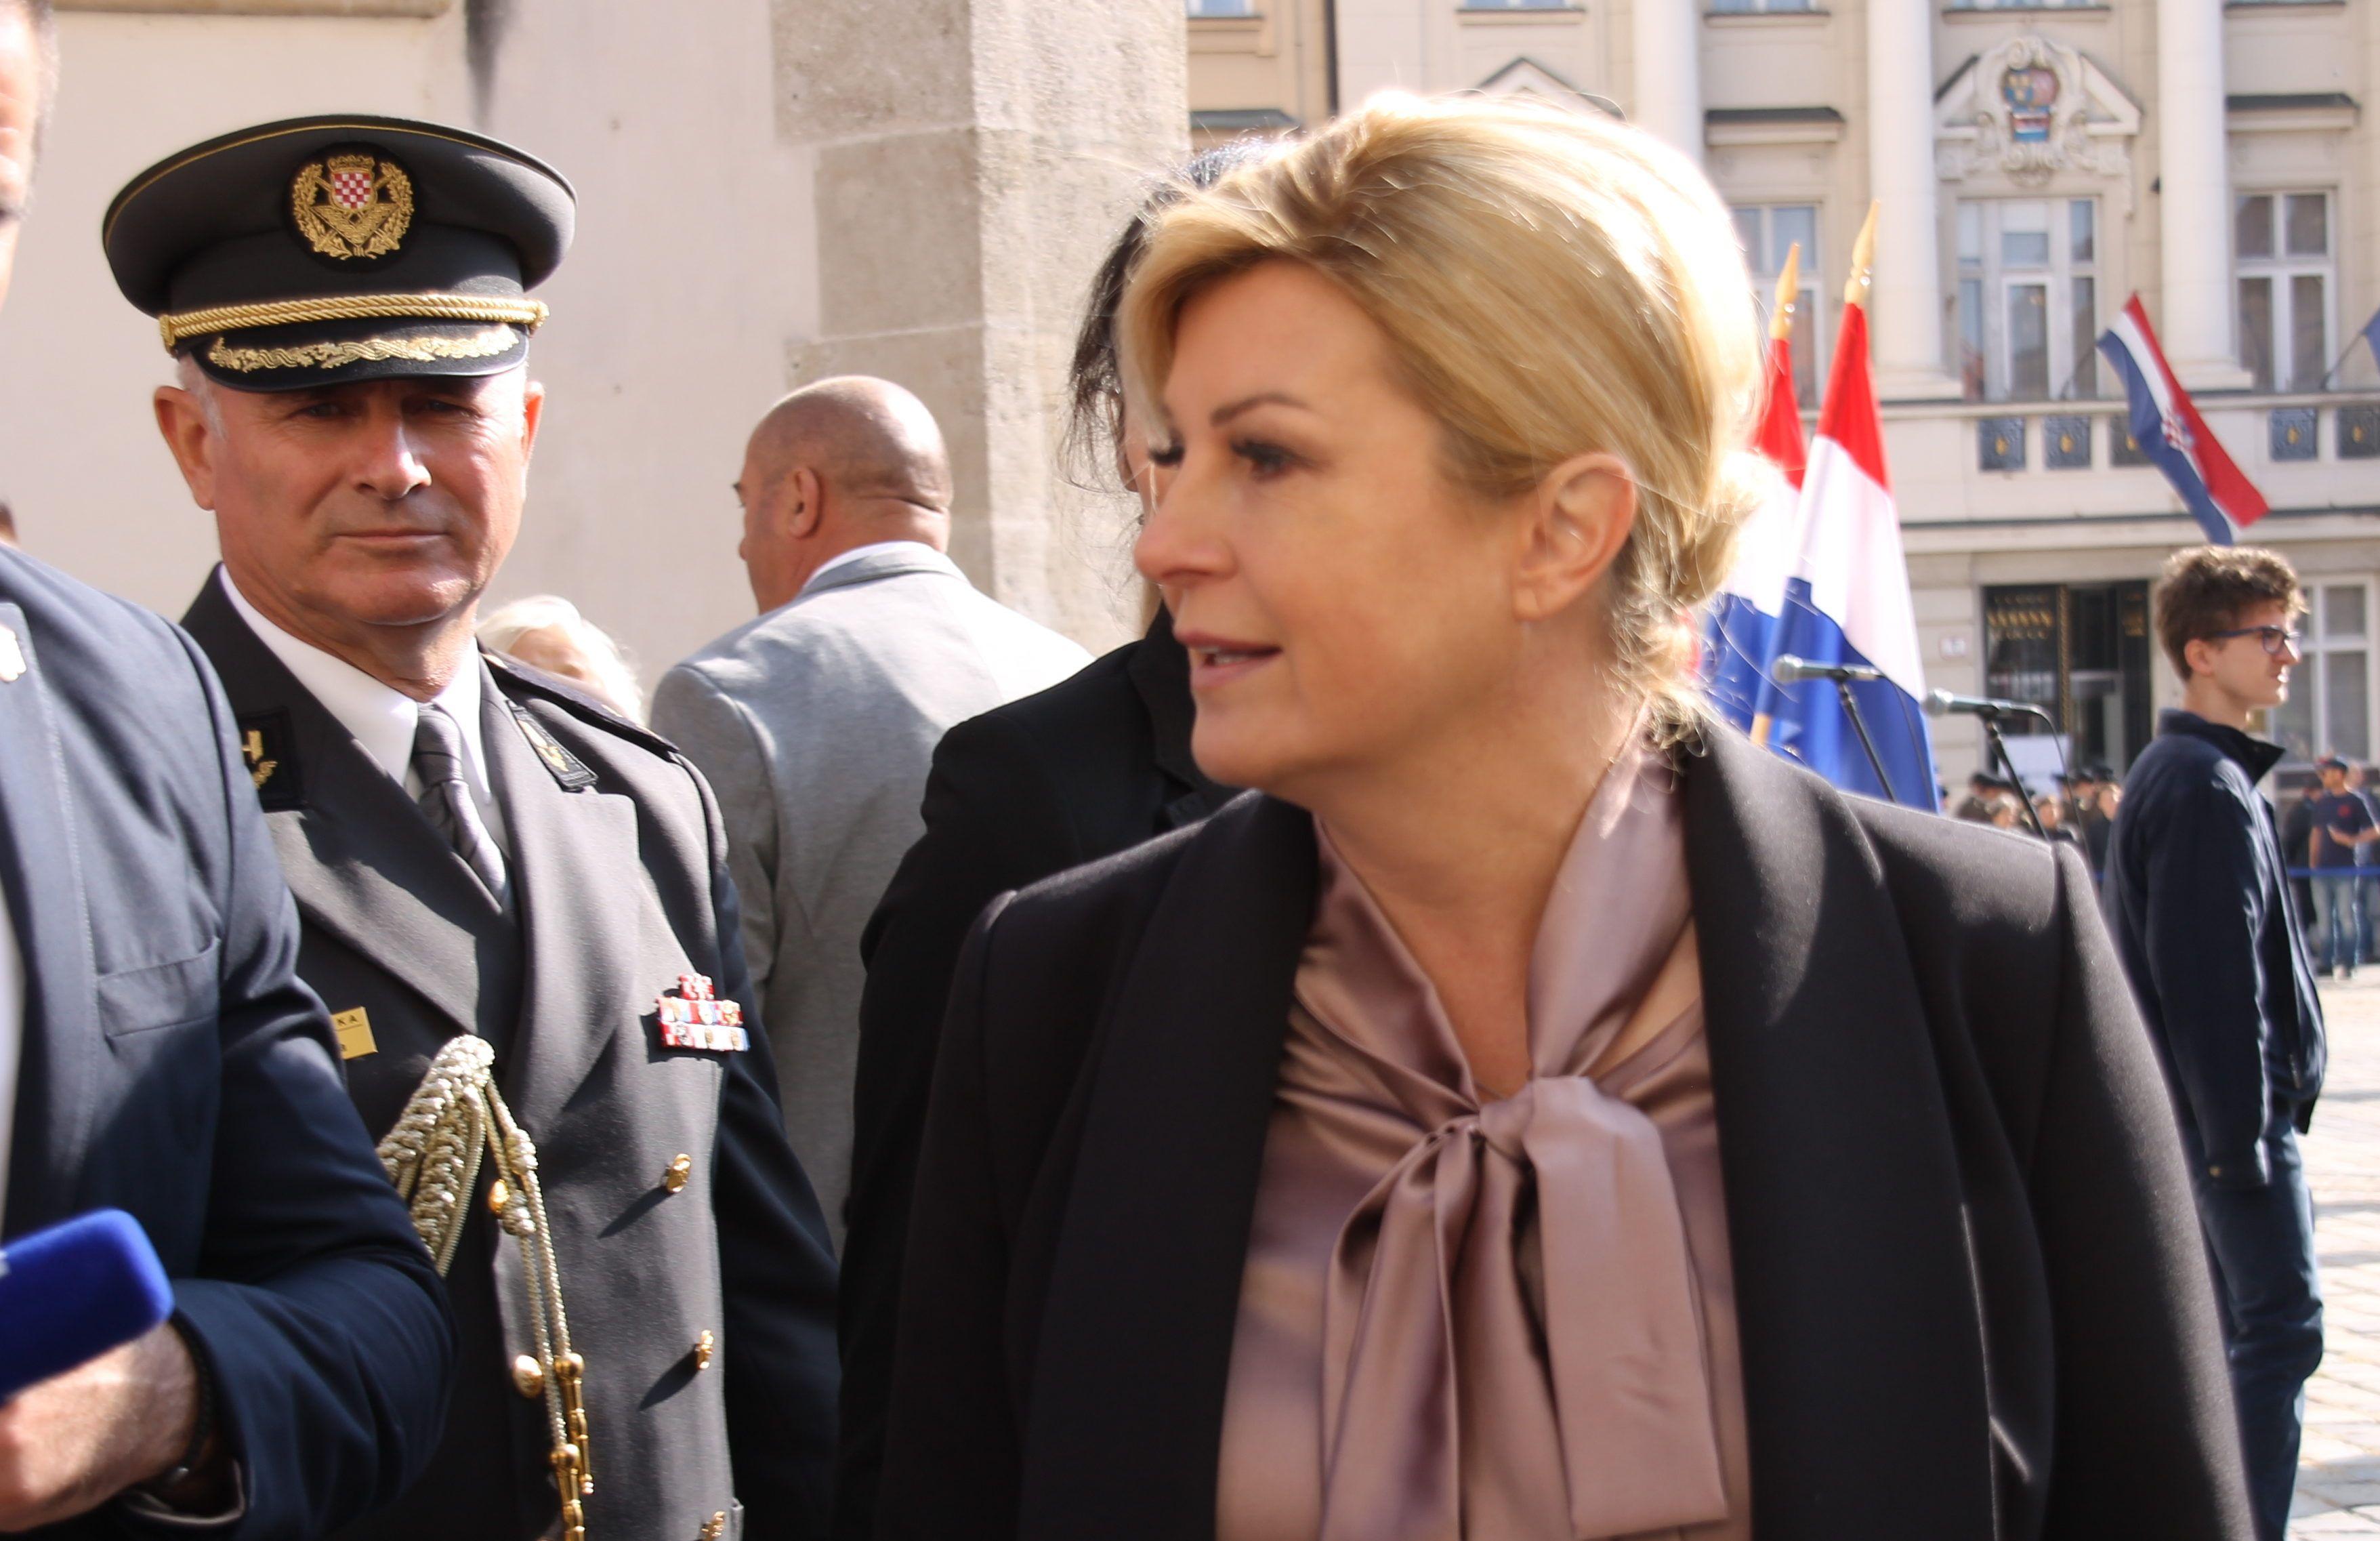 Predsjednica Grabar-Kitarović: Kazne za zlodjela poput silovanja još uvijek niske